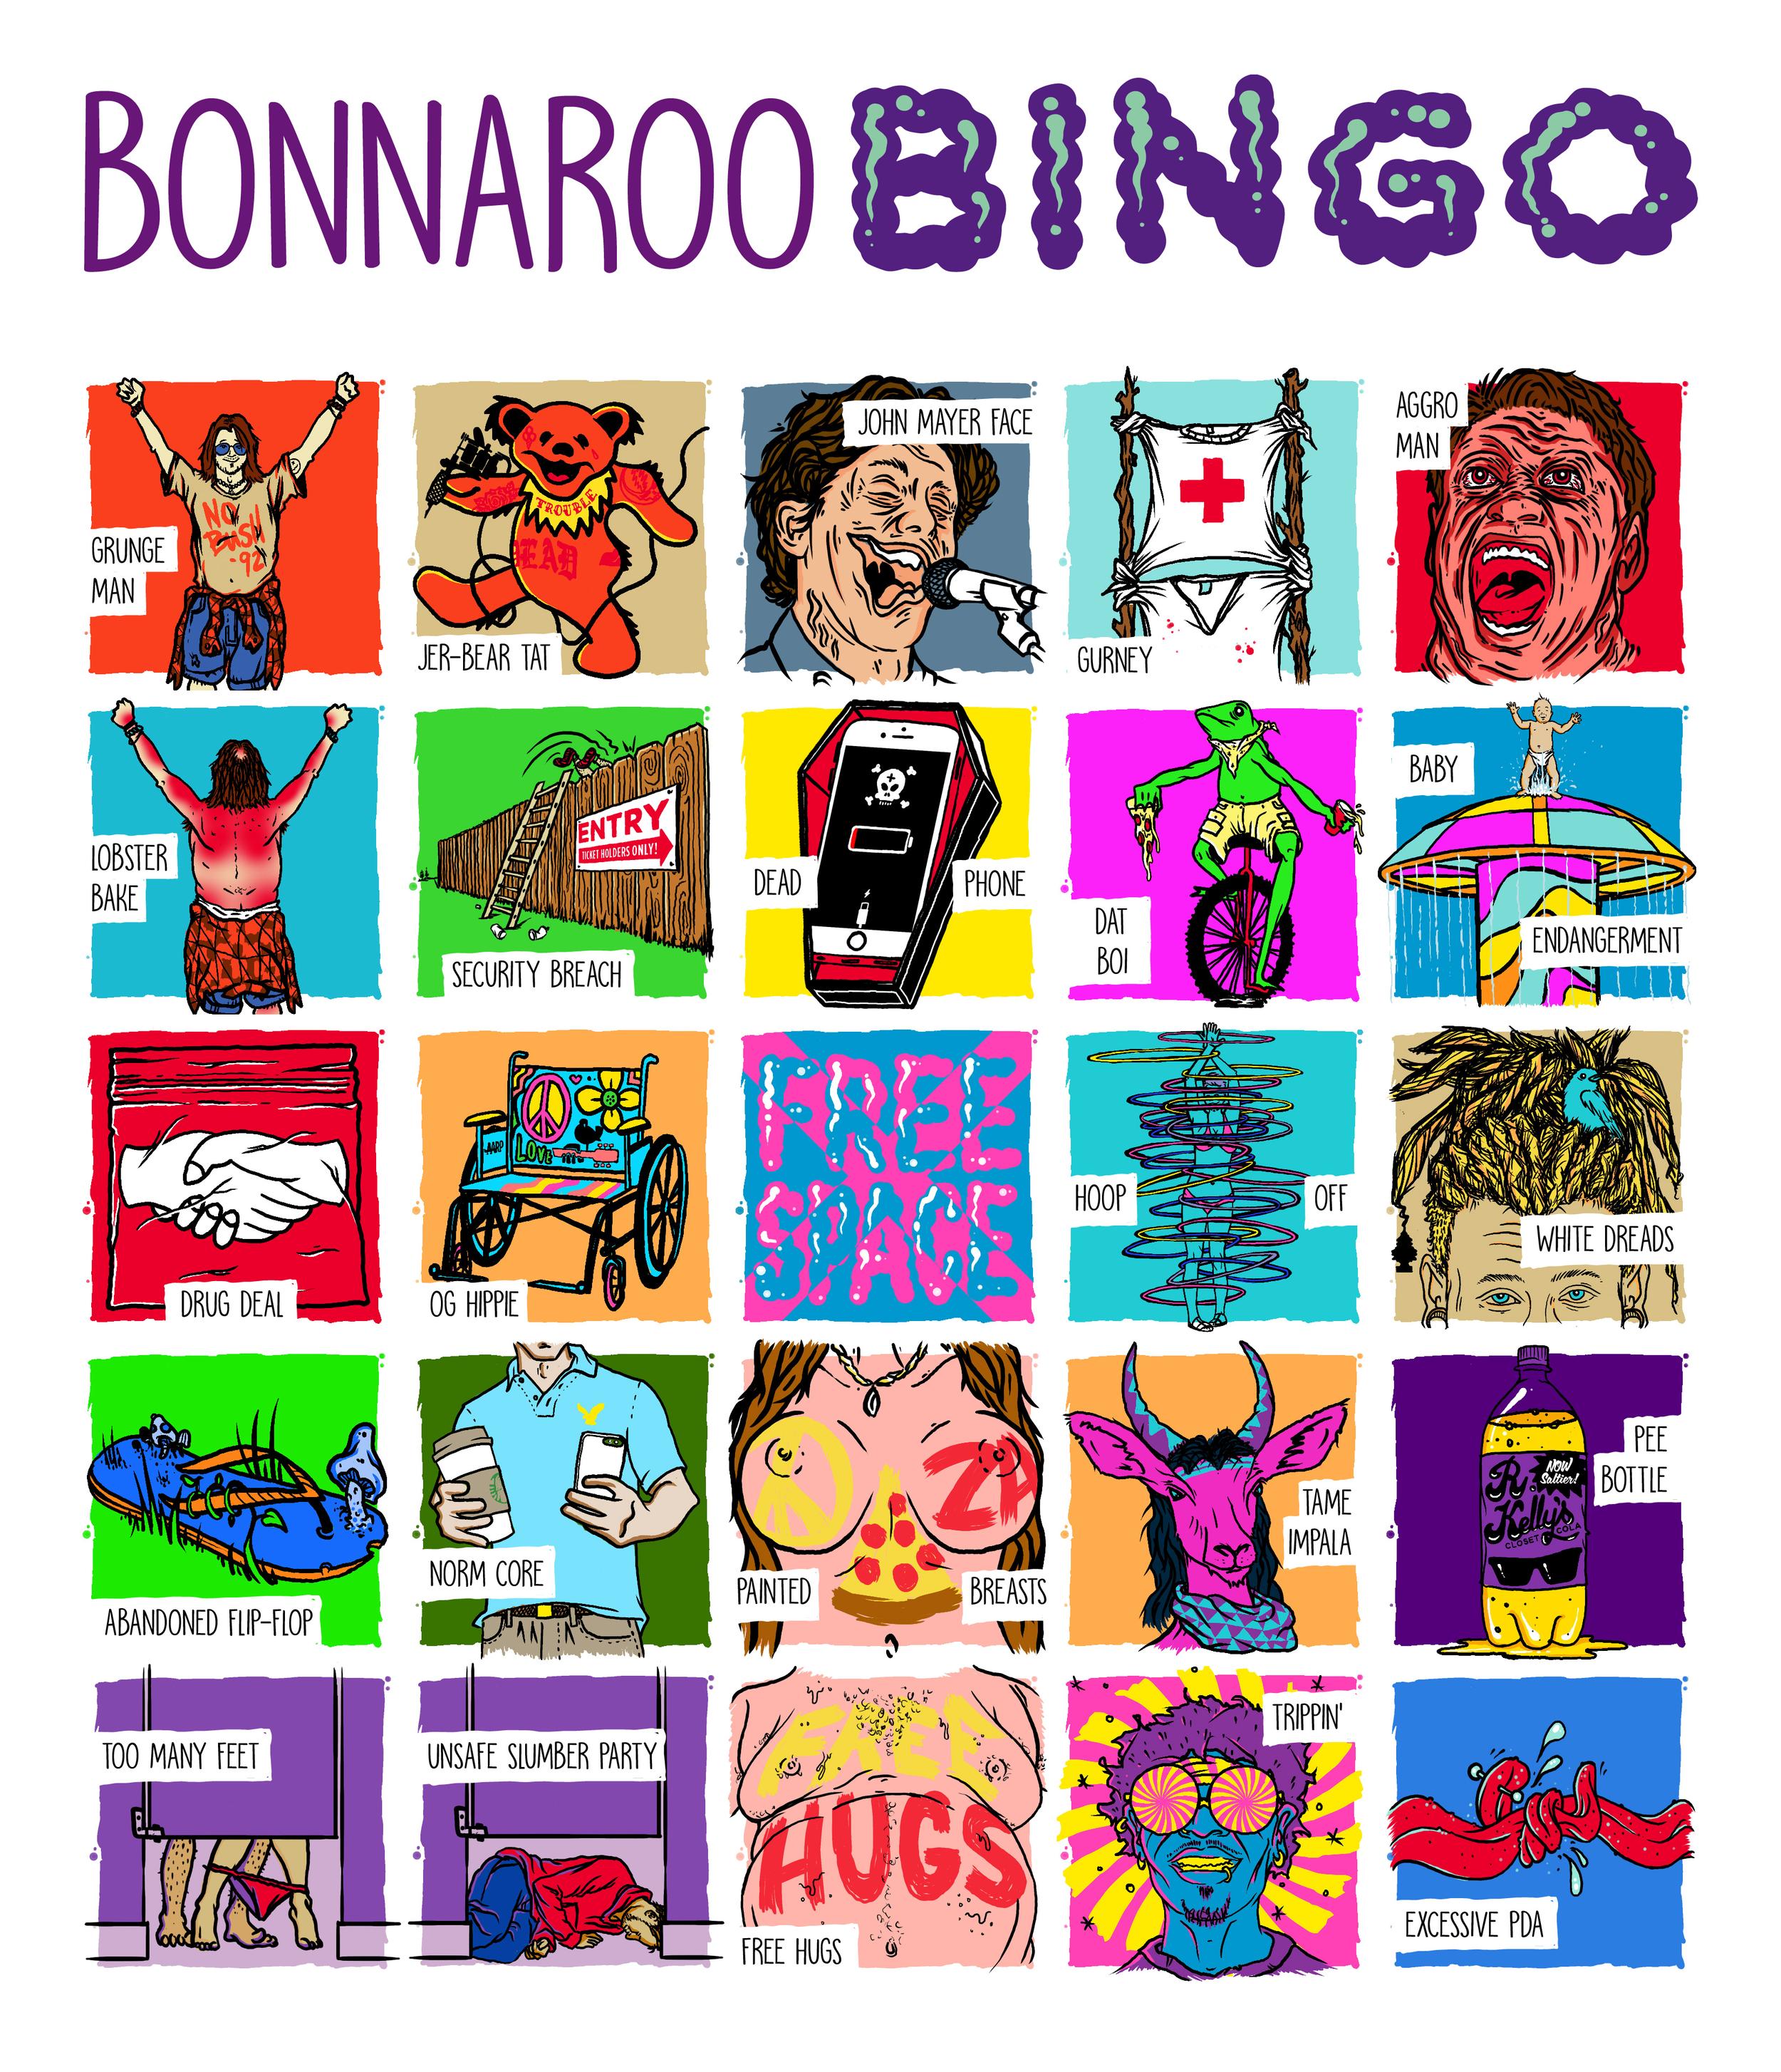 BONNAROO_BINGO_CARD_REVISED.png